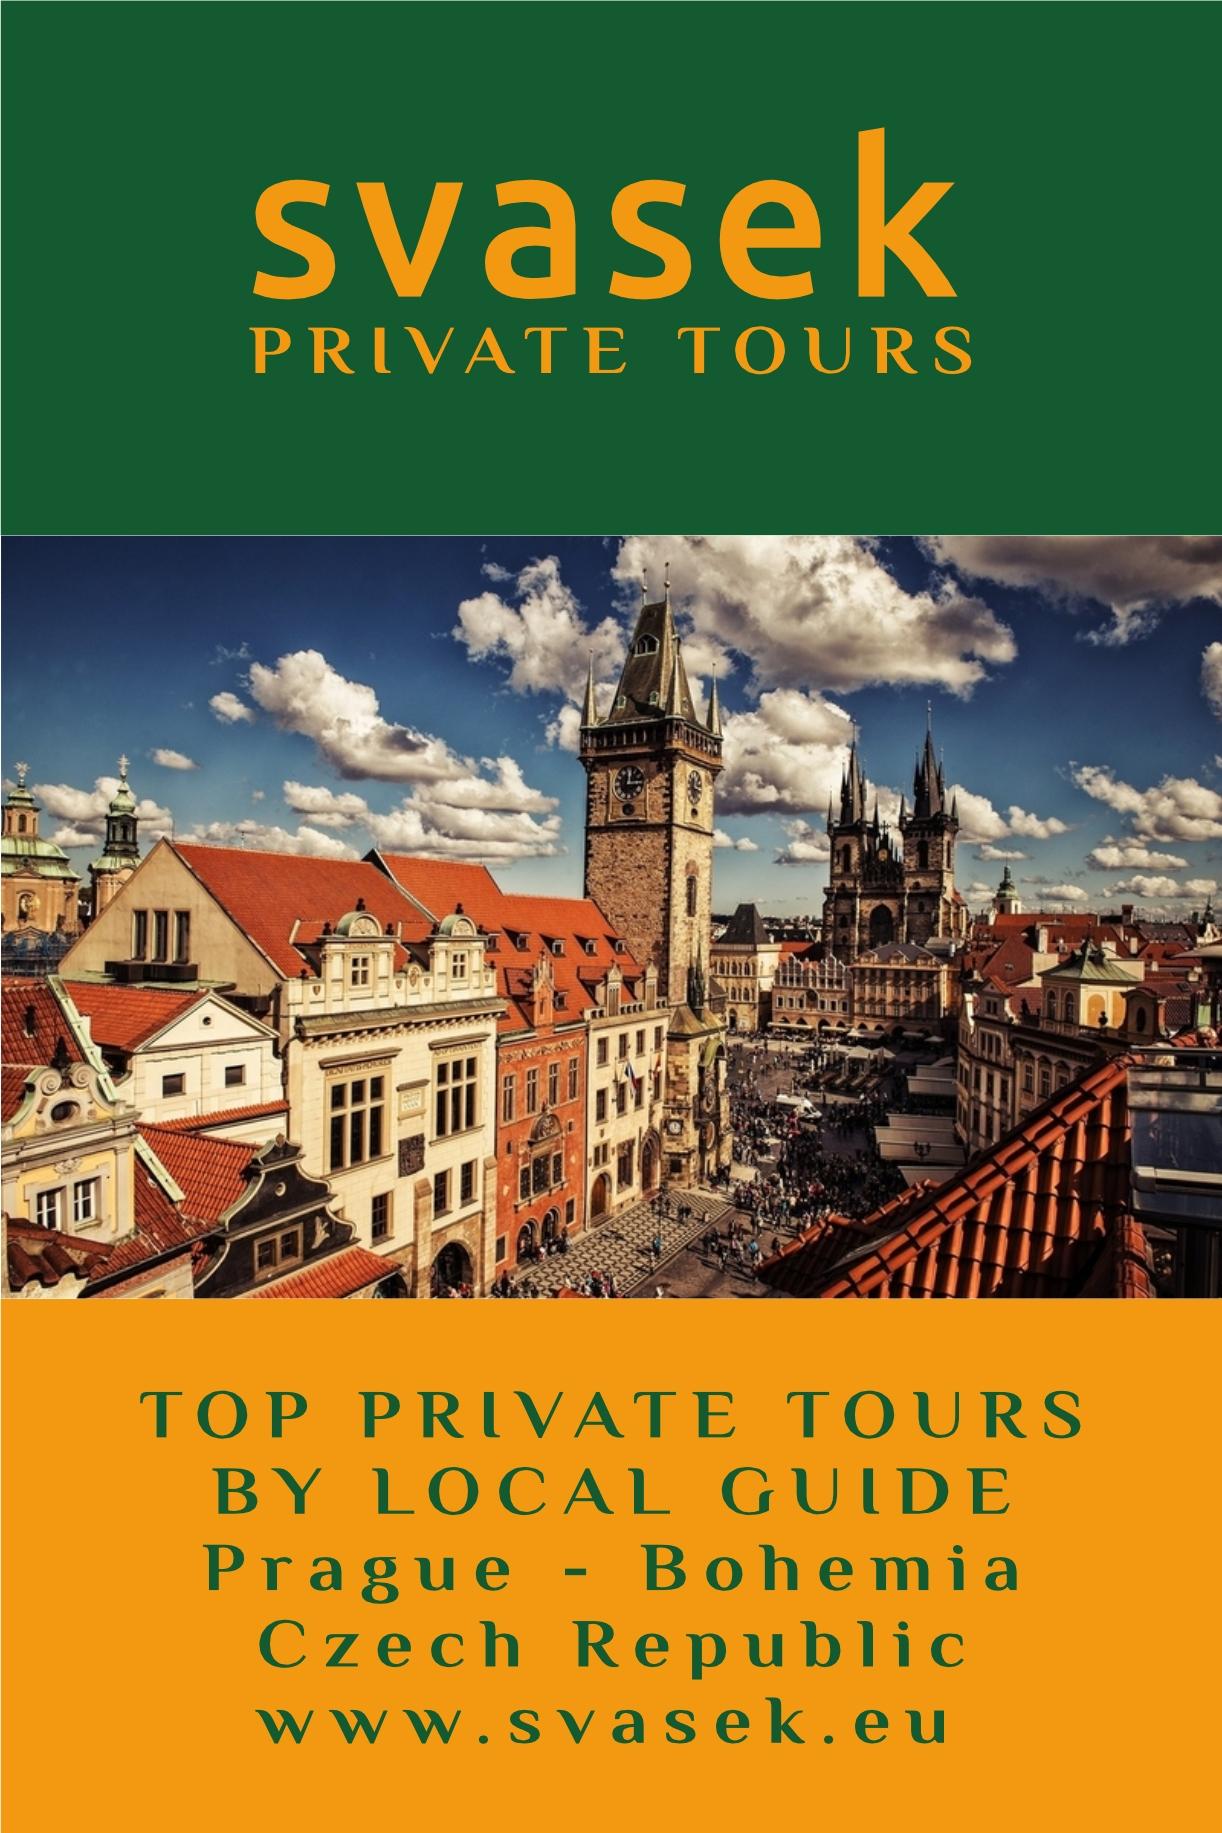 svasek PRIVATE TOURS TOP PRIVATE TOURS BY LOCAL GUIDE PRAGUE - BOHEMIA Czech Republic www.svasek.eu